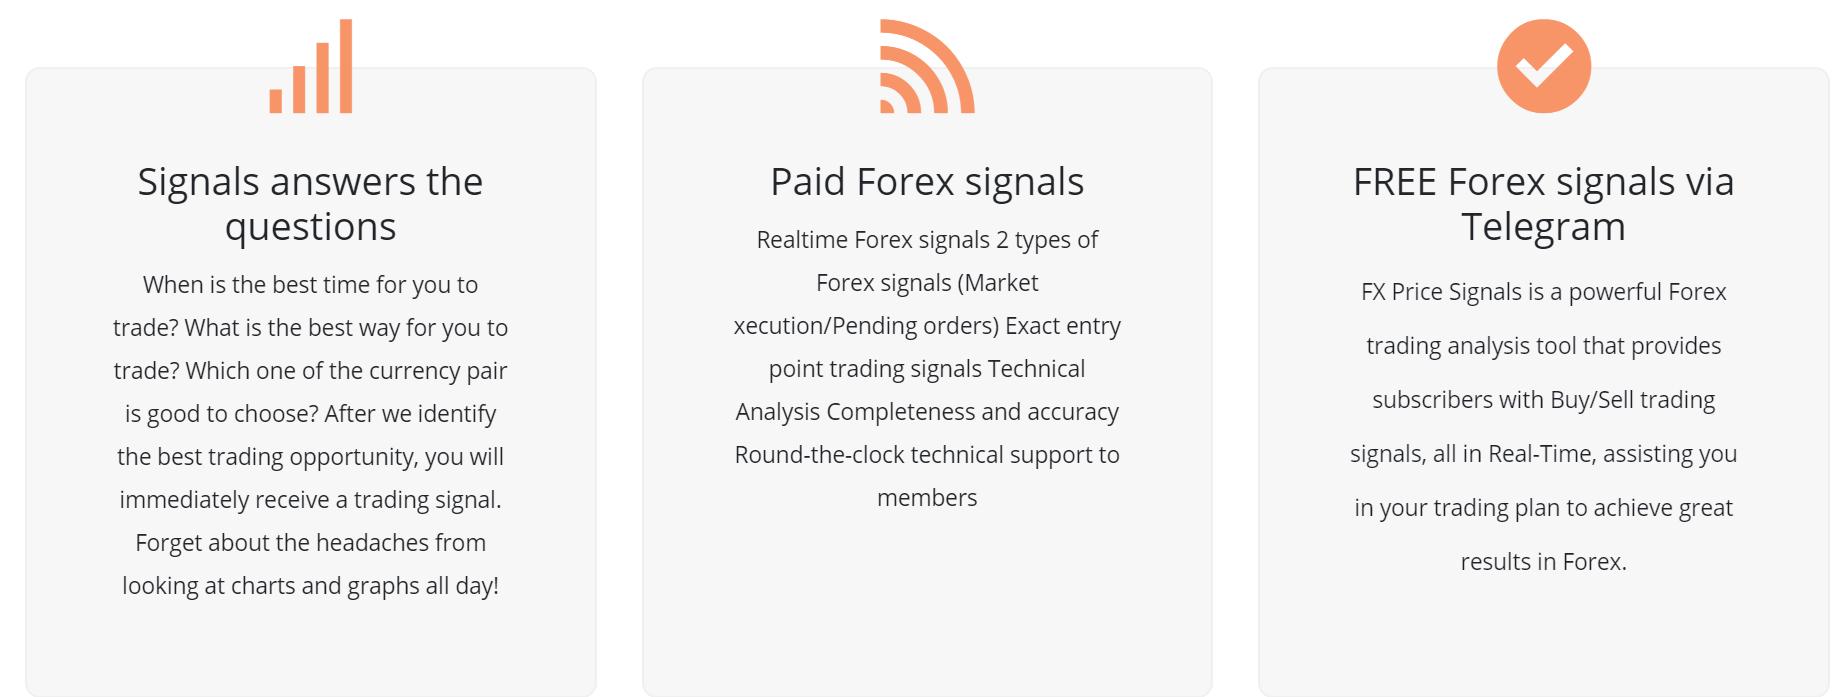 FX Price signals